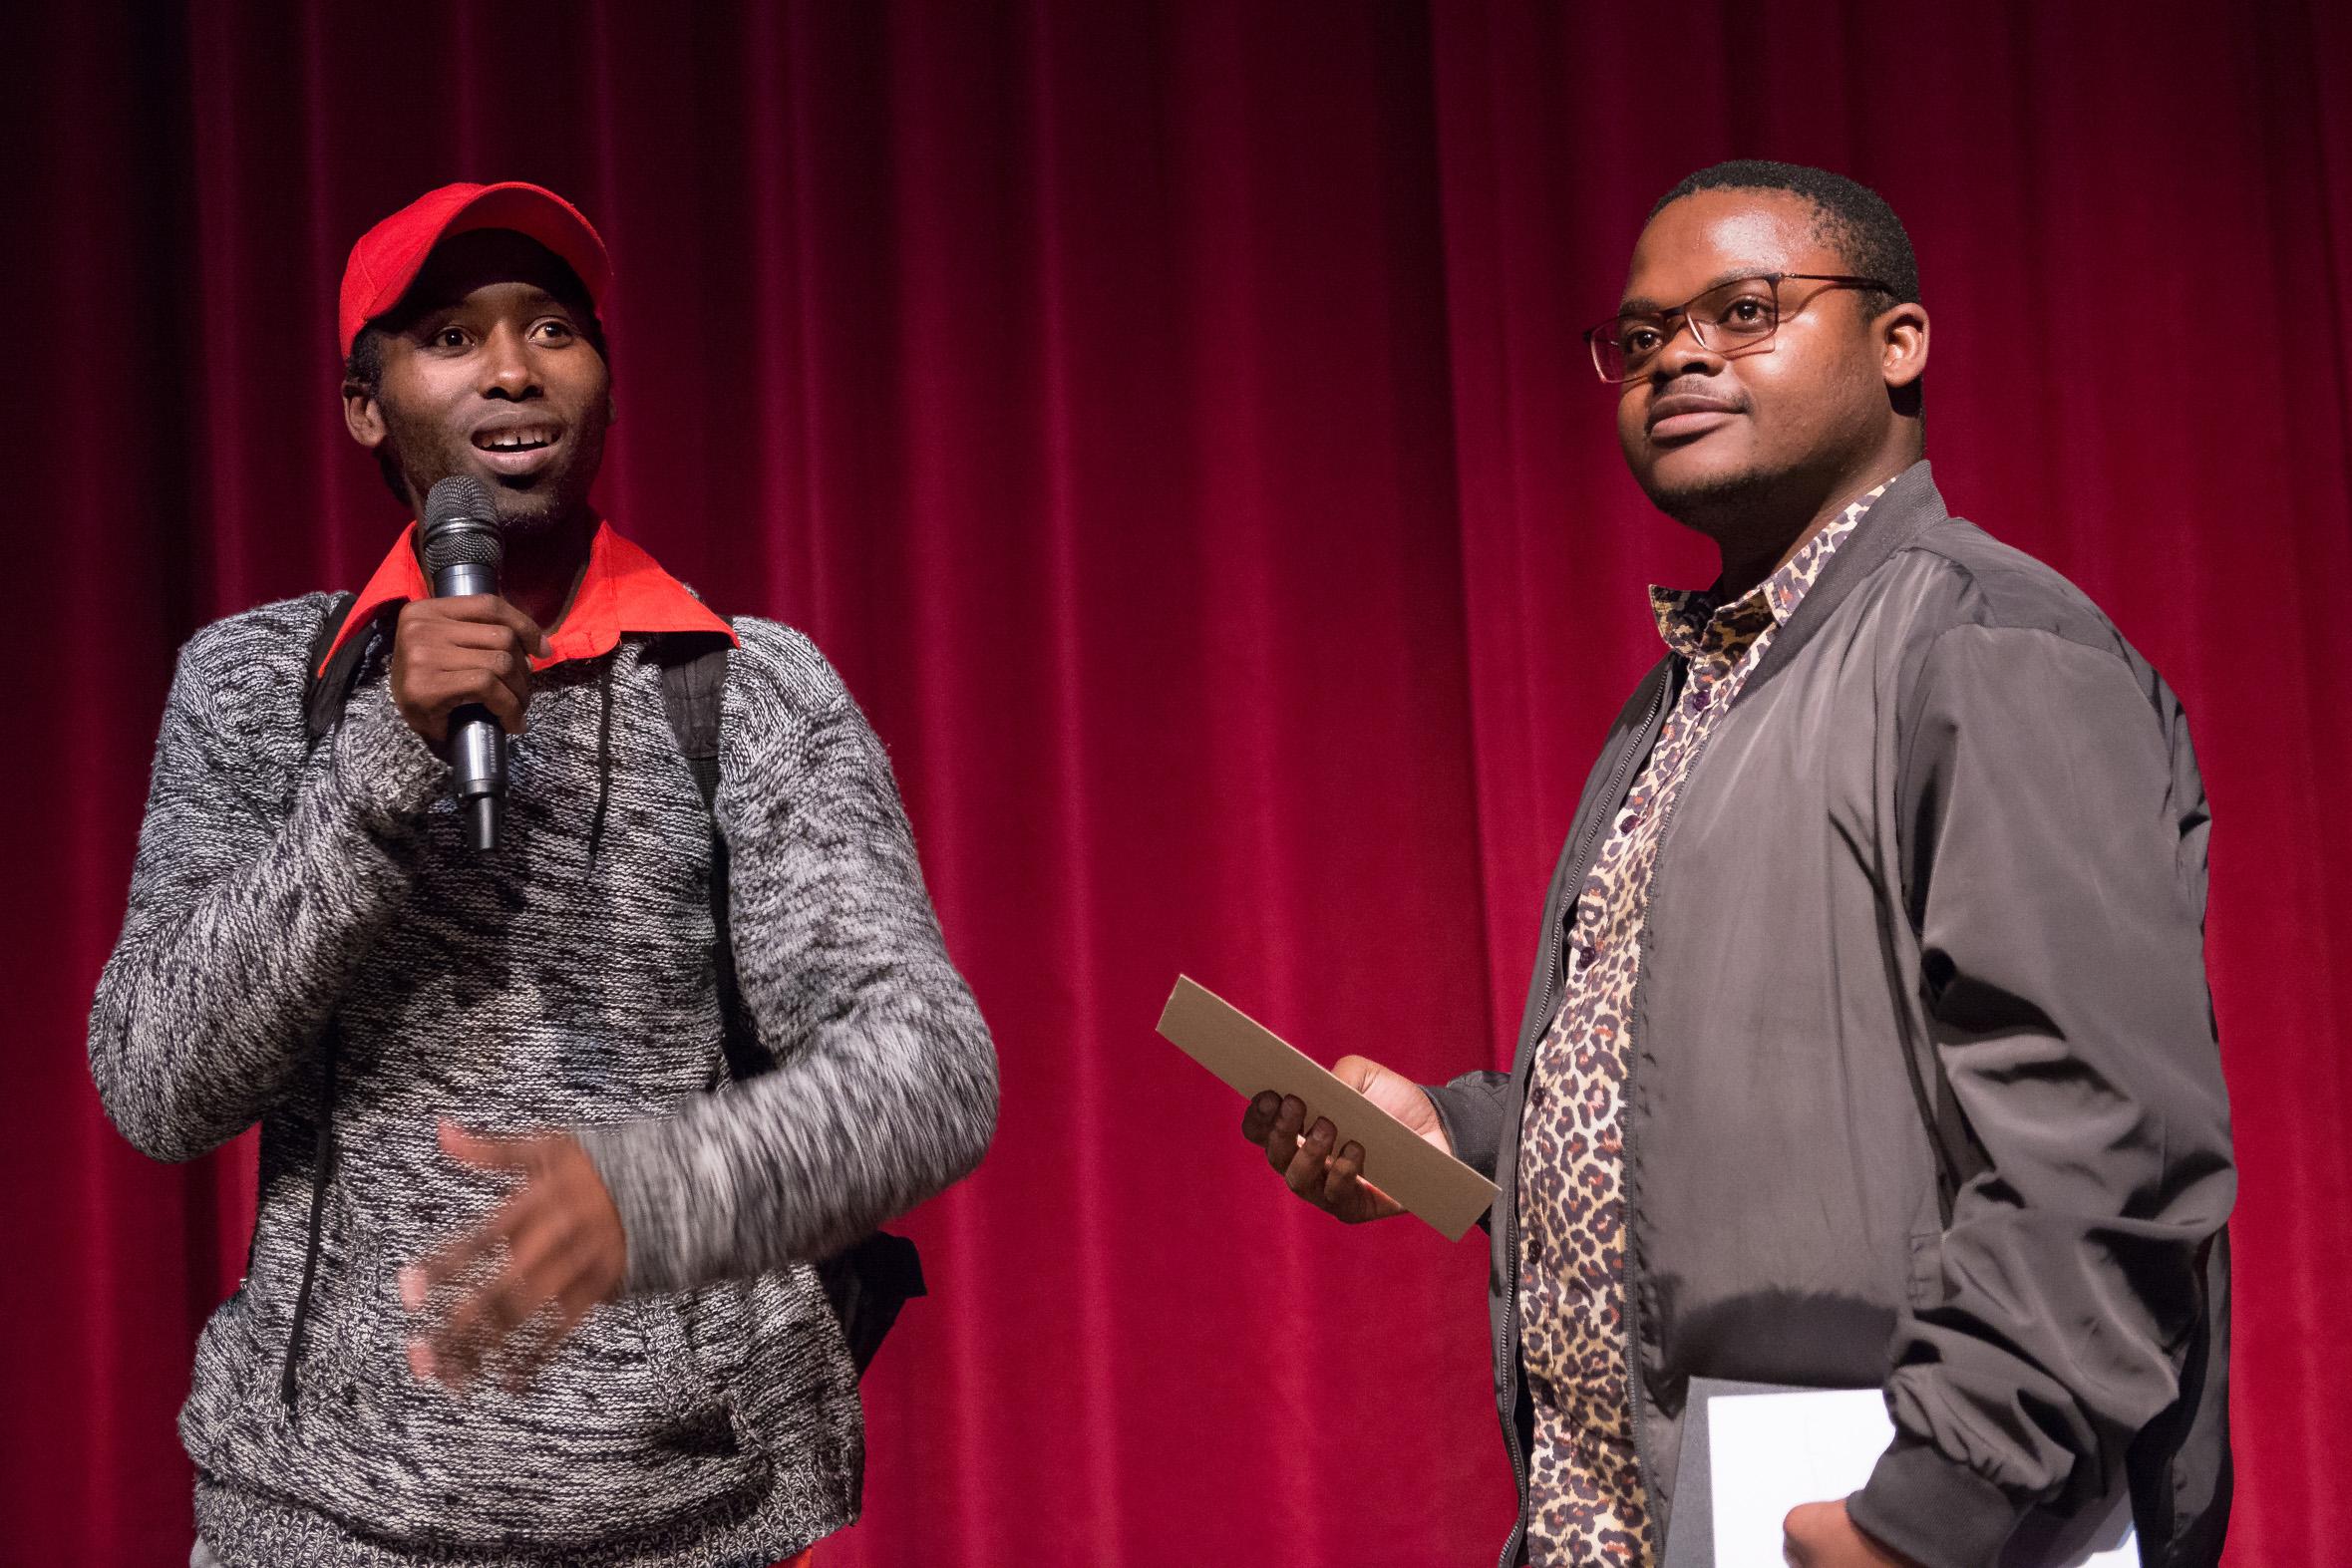 JC Zondi (left) receives the award from Chris Tobo.